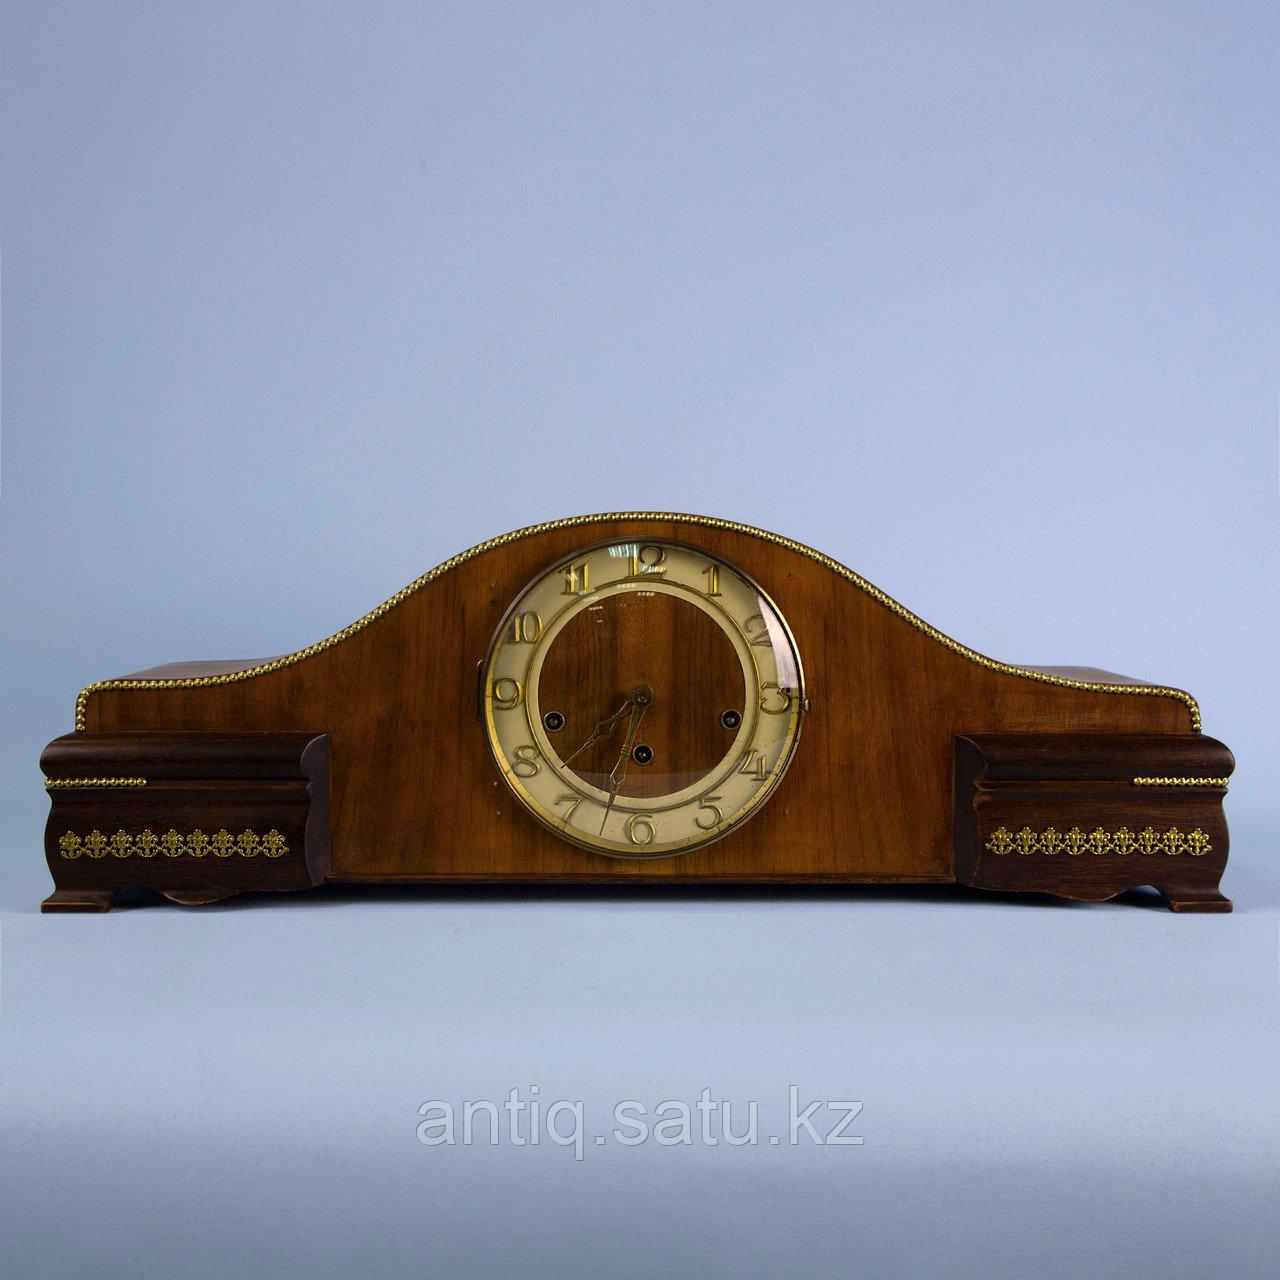 Настольные часы с Вестминстерским боем. Германия. Середина ХХ века. Массив ореха. - фото 1